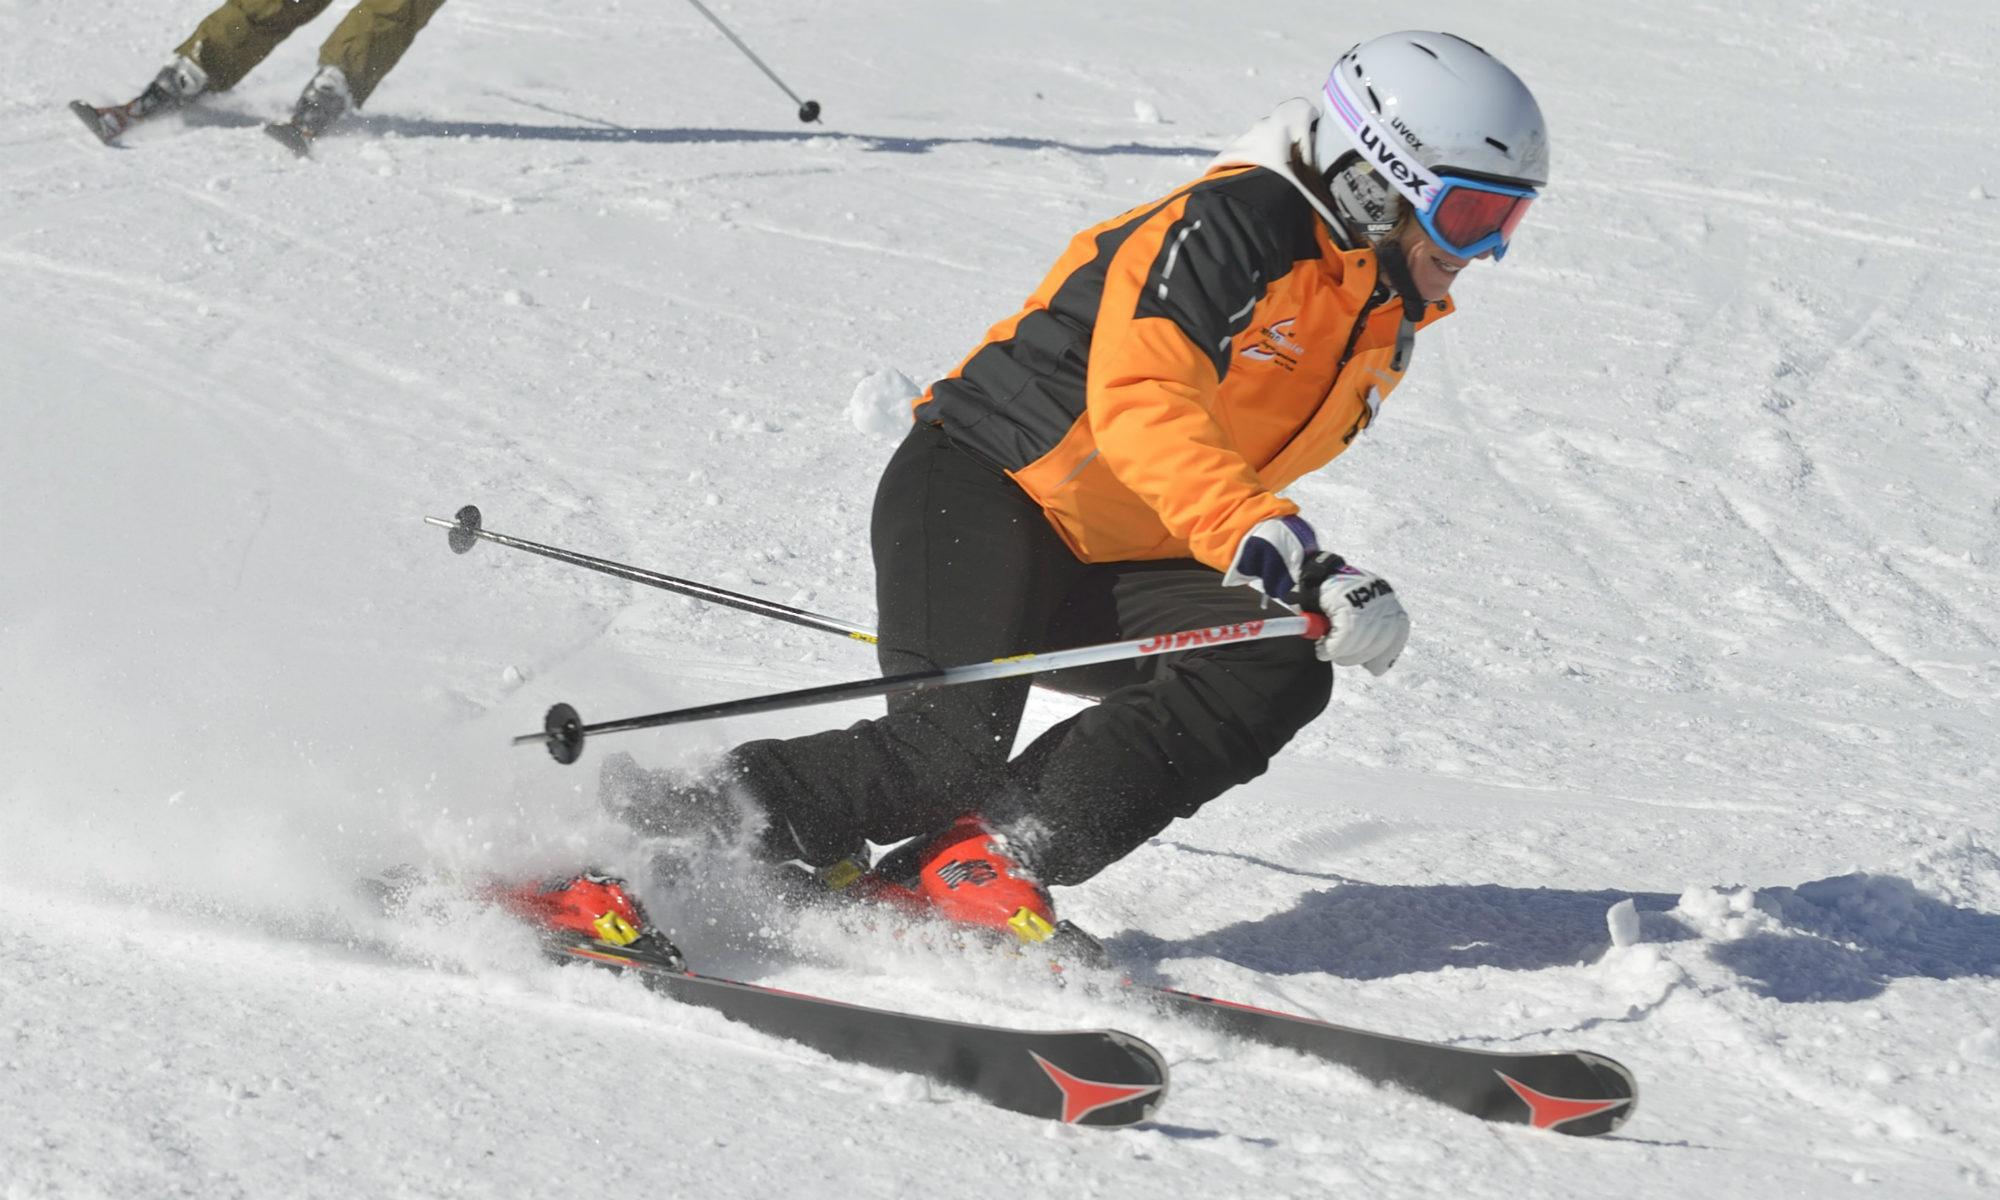 Ingrid Salvenmoser lors d'une prise de carre : pression sur le ski aval et genoux fléchis vers l'intérieur.